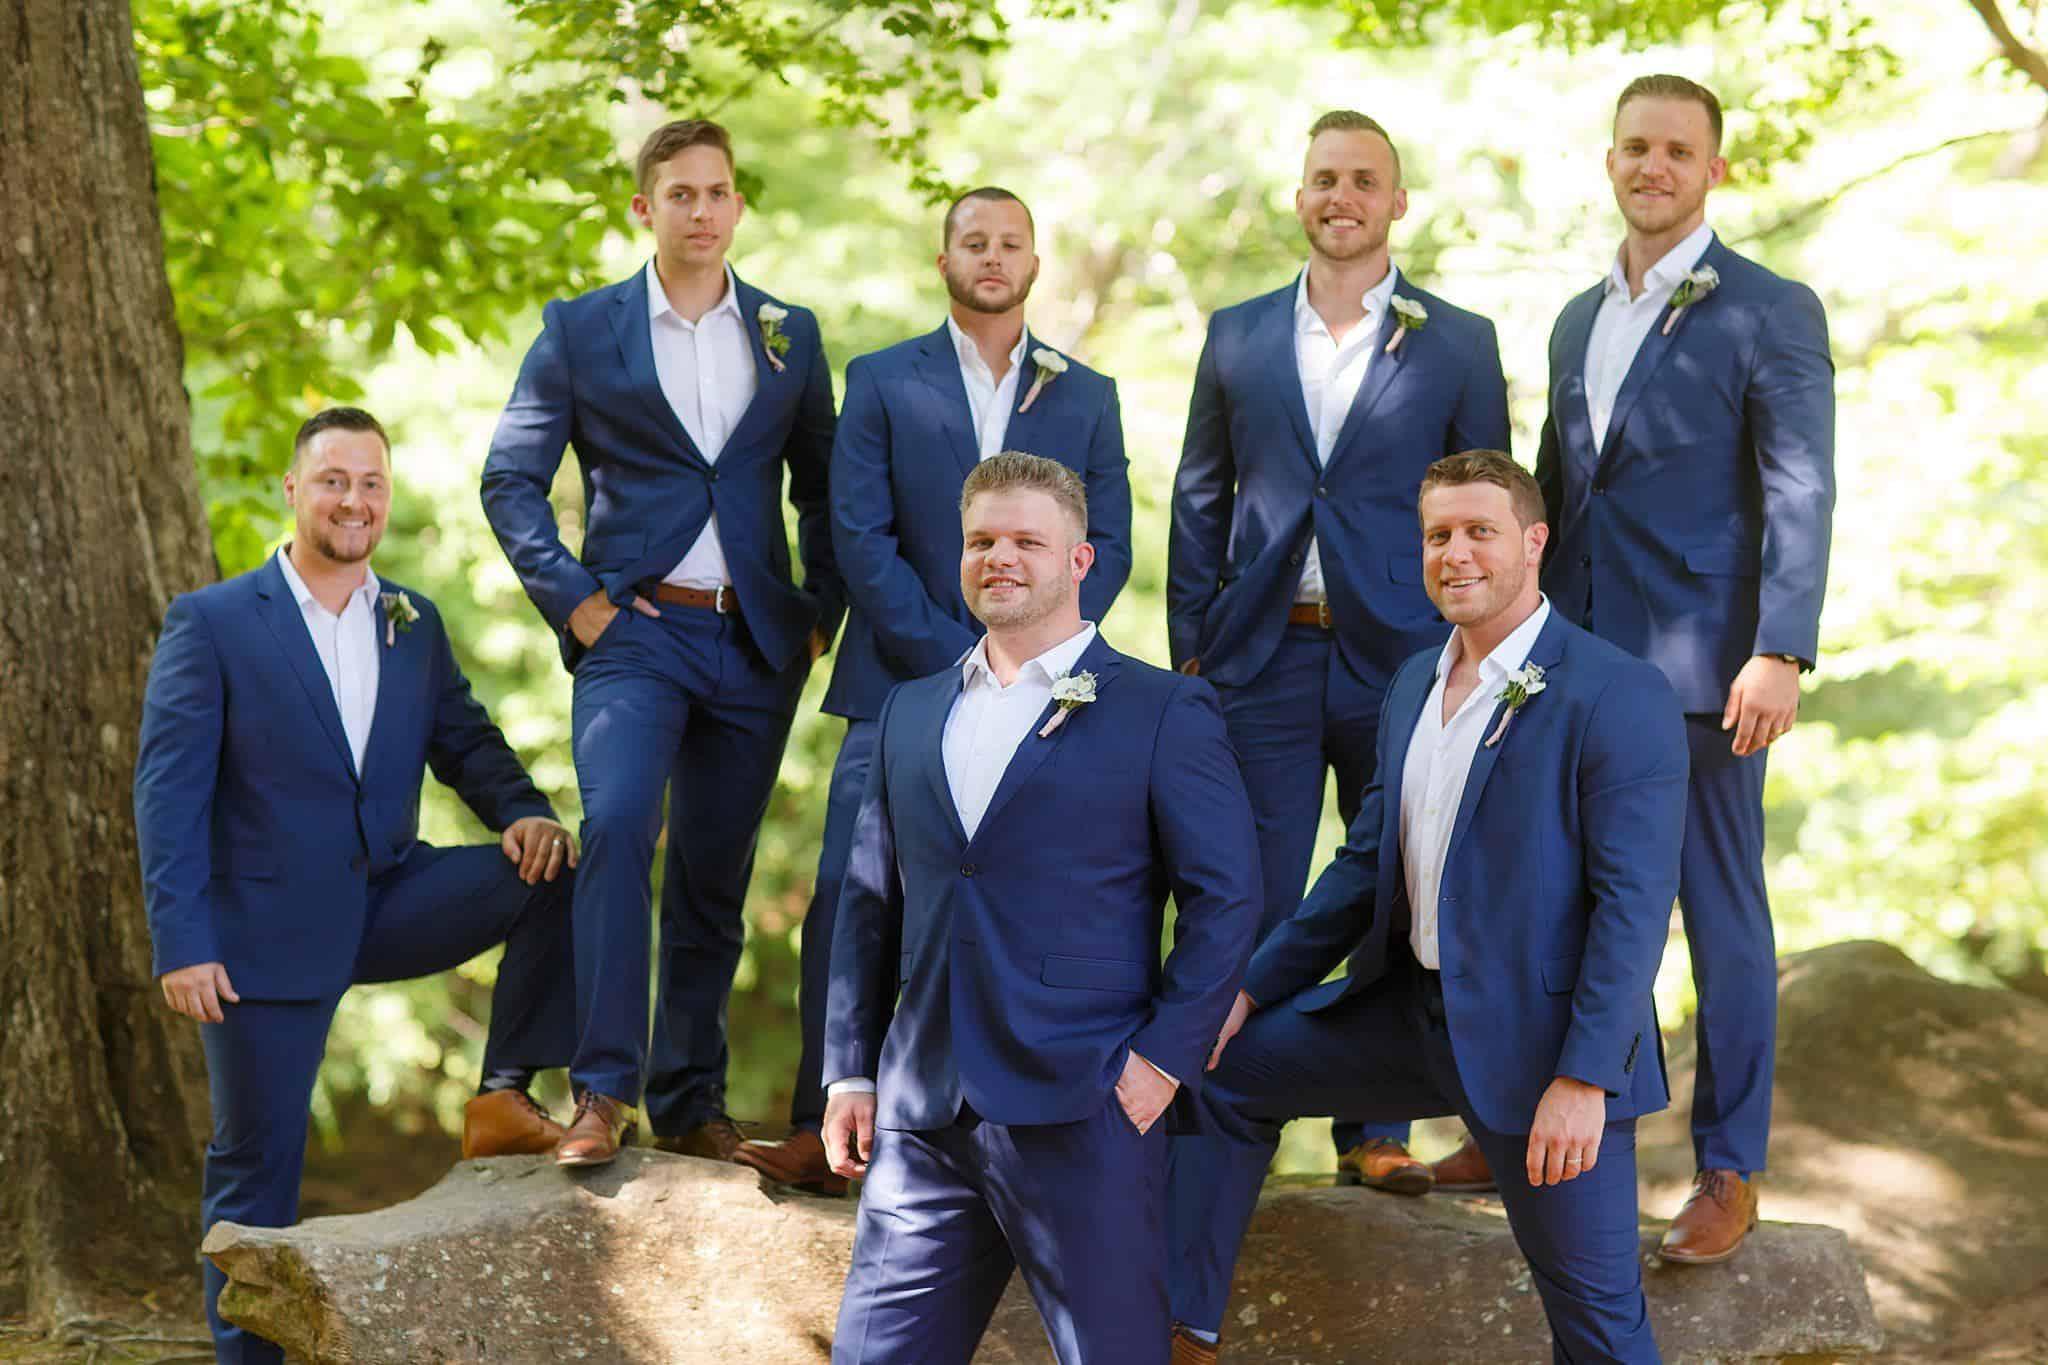 Handsome groomsmen in navy blue suits